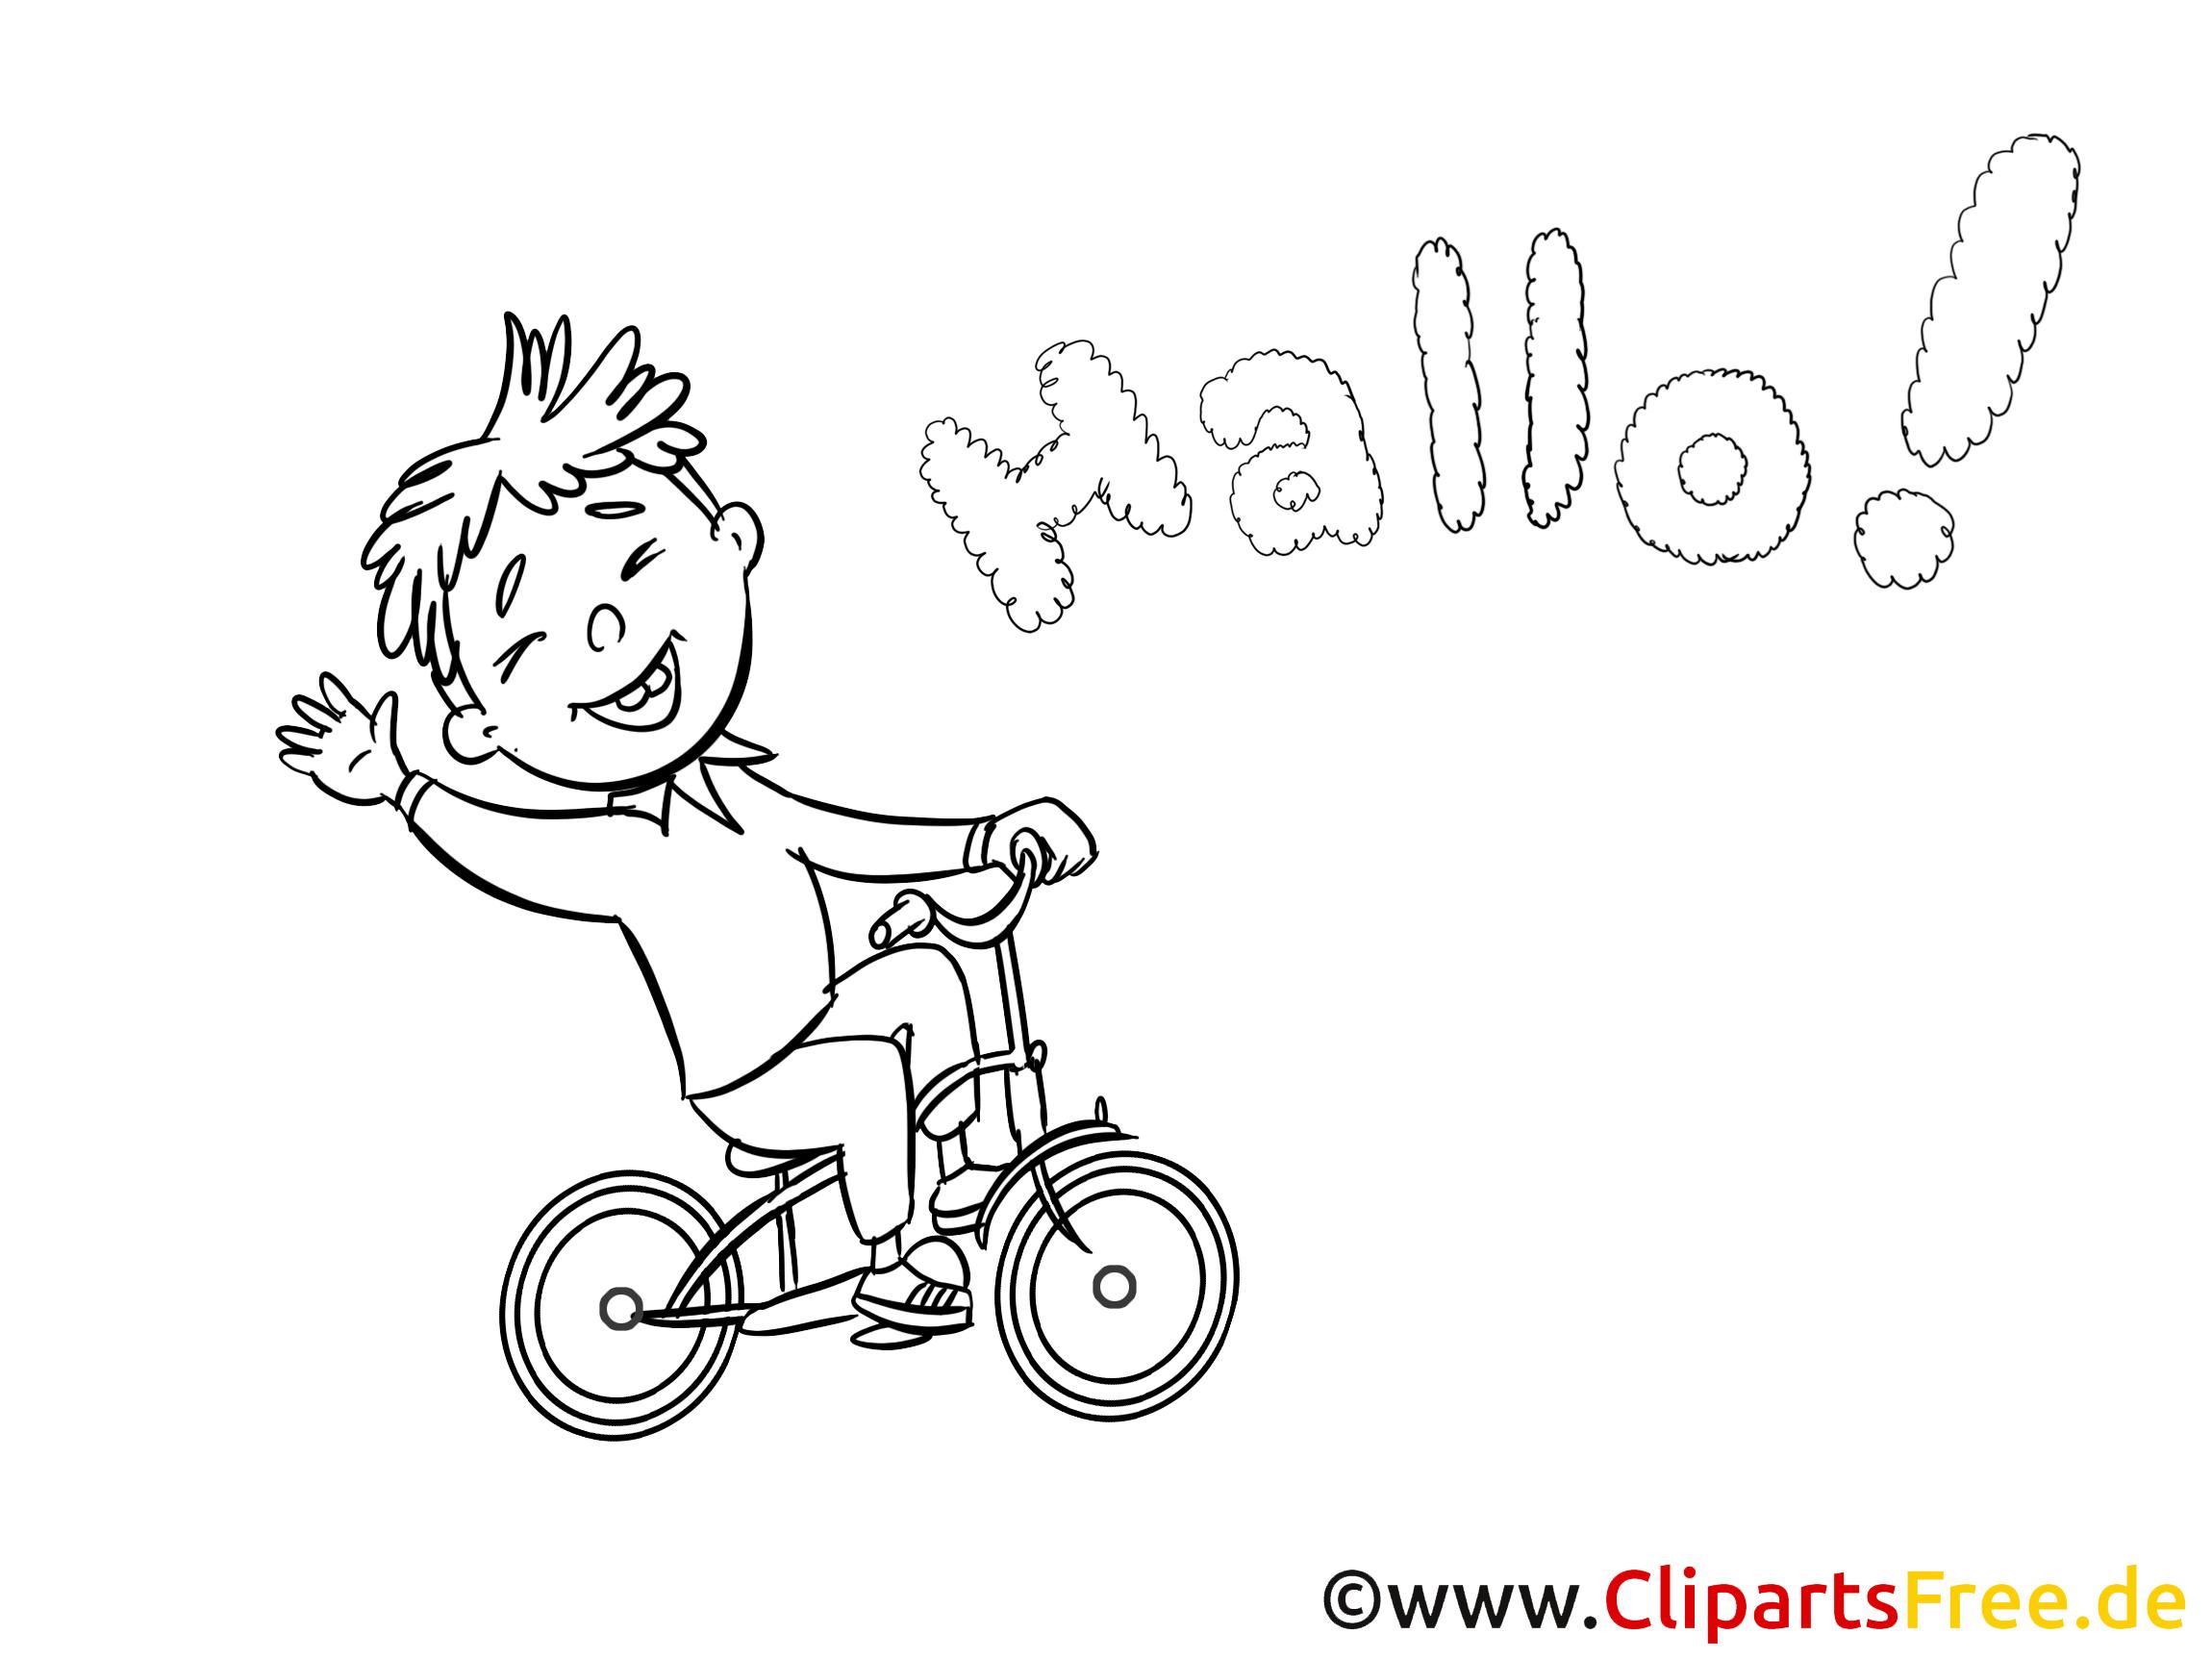 junge auf dem fahrrad - bild zum ausmalen hallo